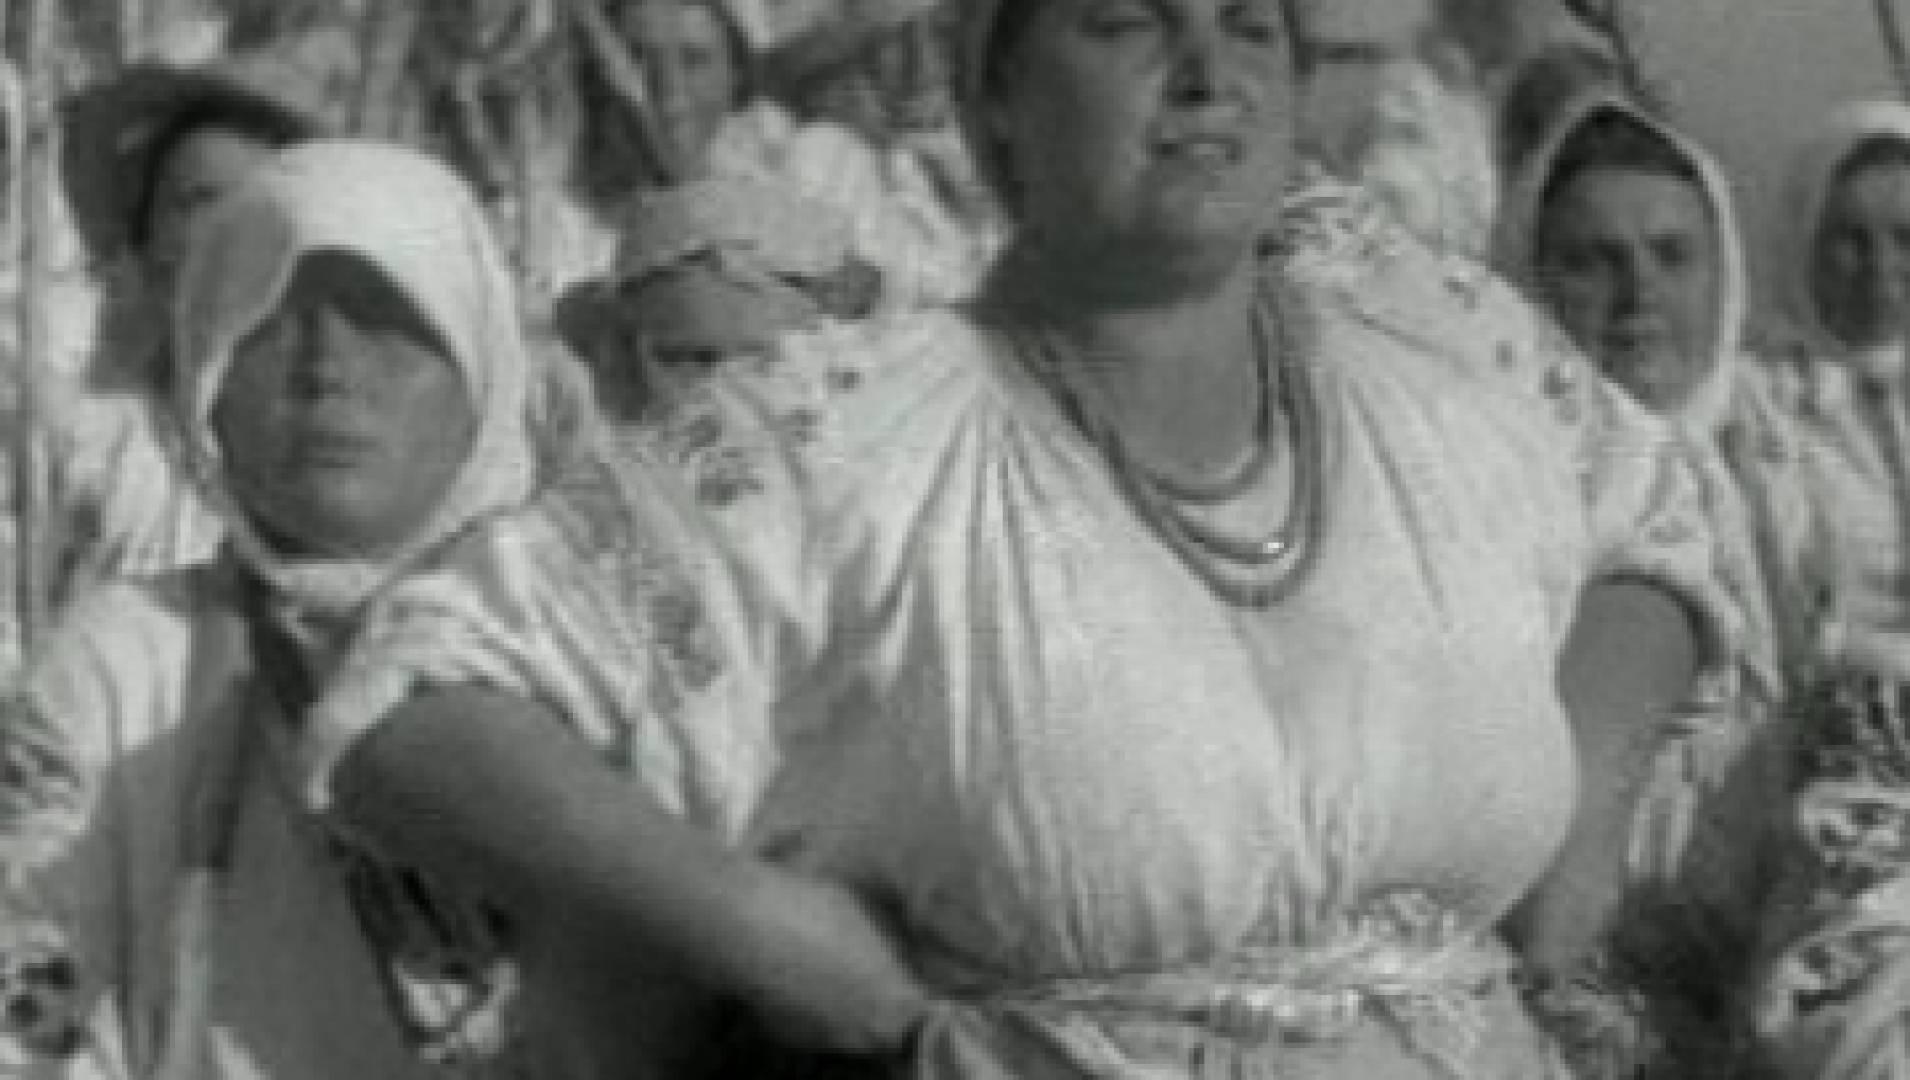 Богатая невеста - Комедия, Фильм